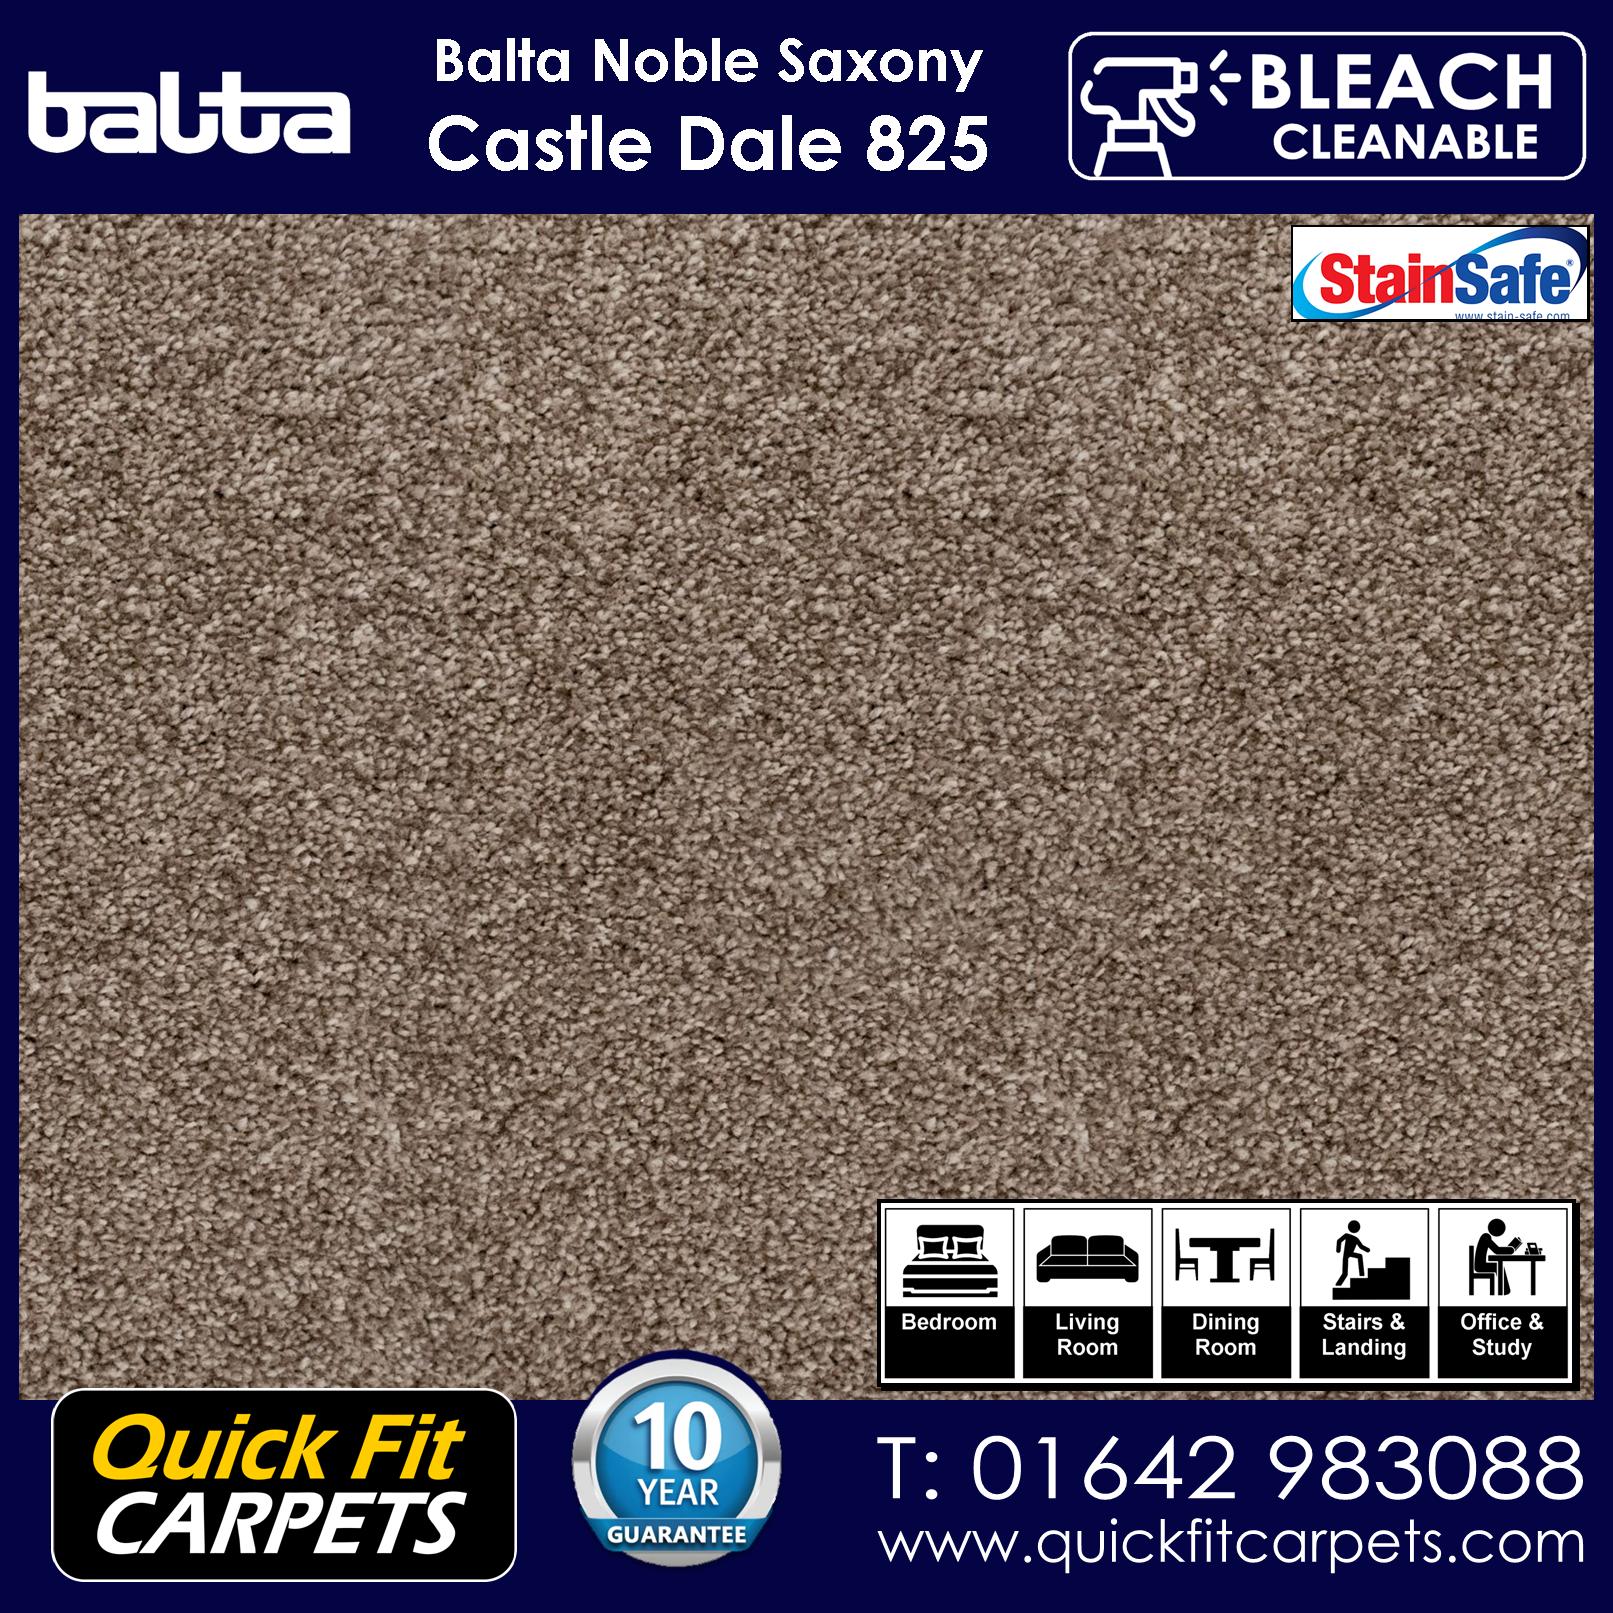 Quick Fit Carpets Balta Luxury Pile Castle Dale 825